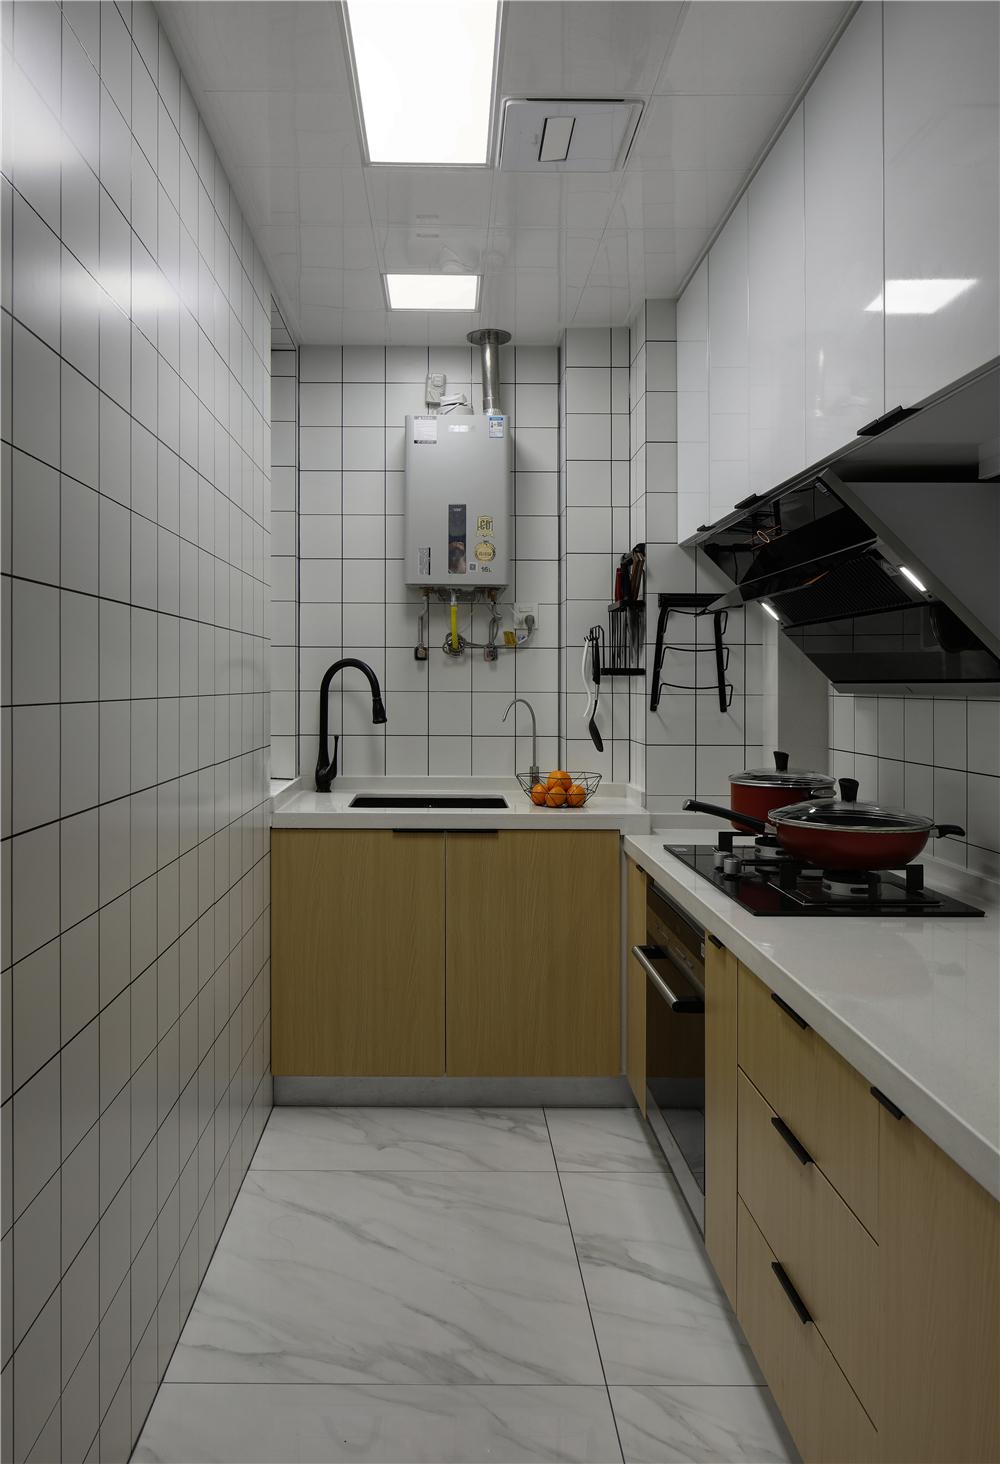 北欧风三居厨房装修效果图